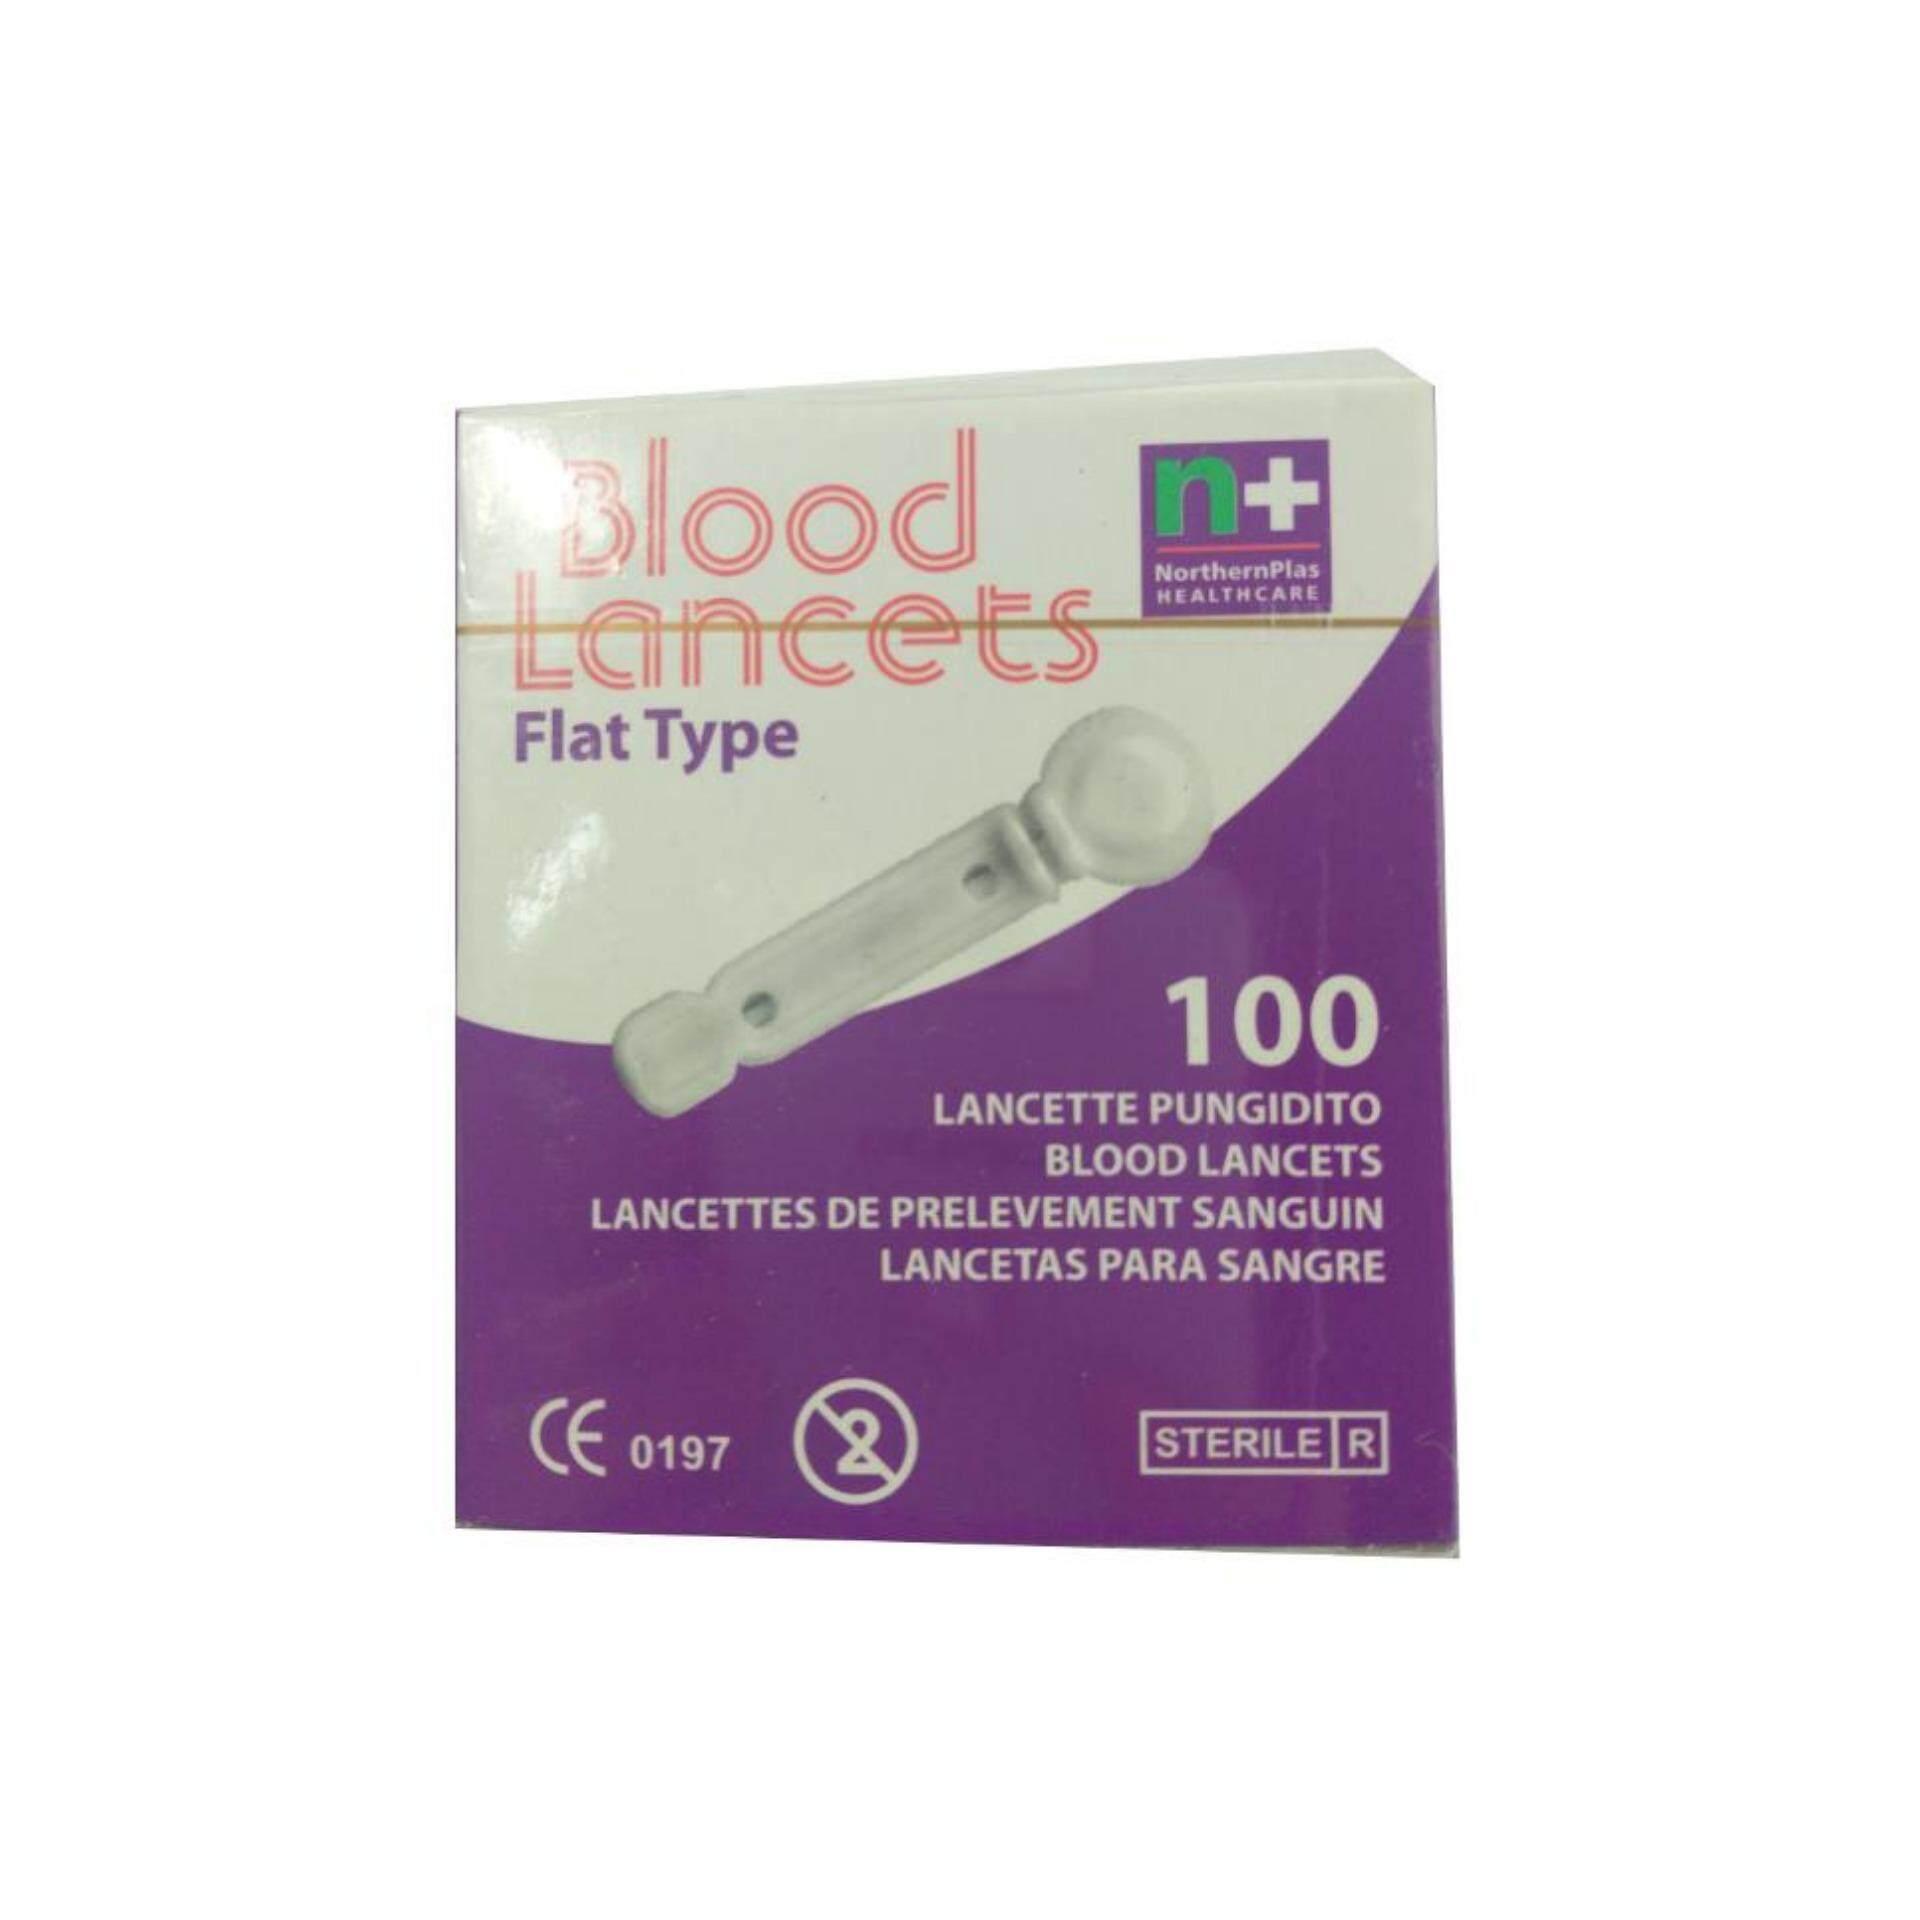 Blood Lancets Flat Type 100s